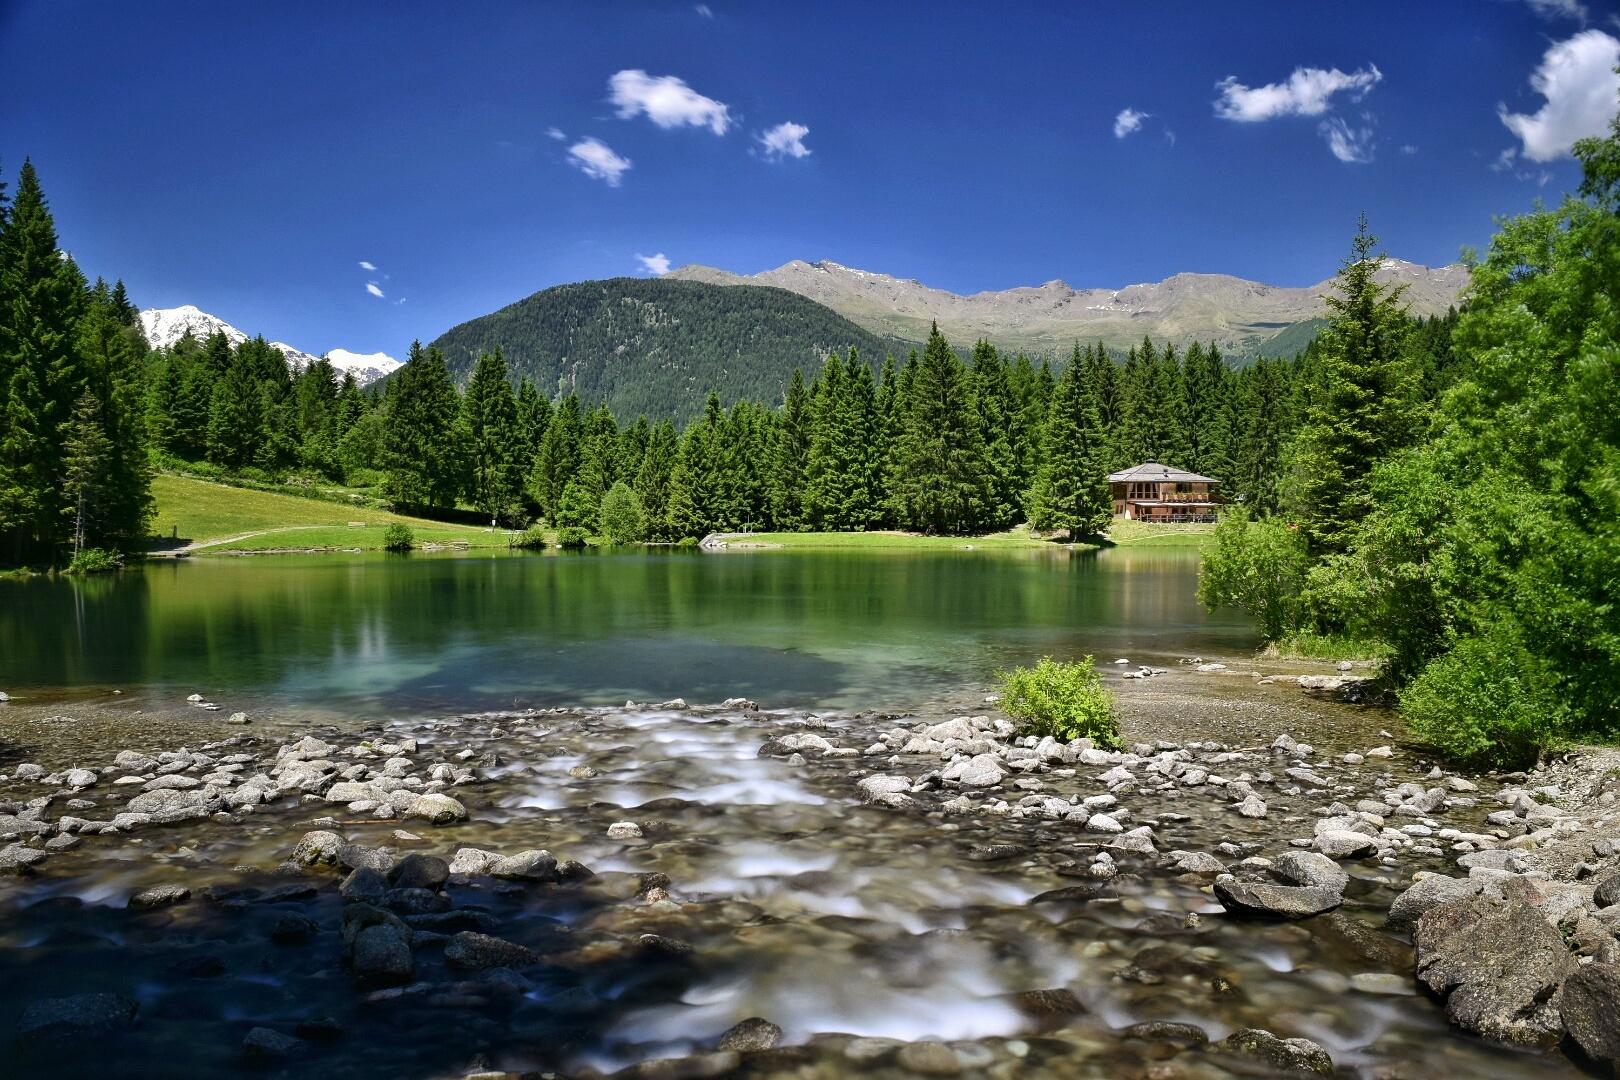 Mountain lake in Italy by joostlagerweij